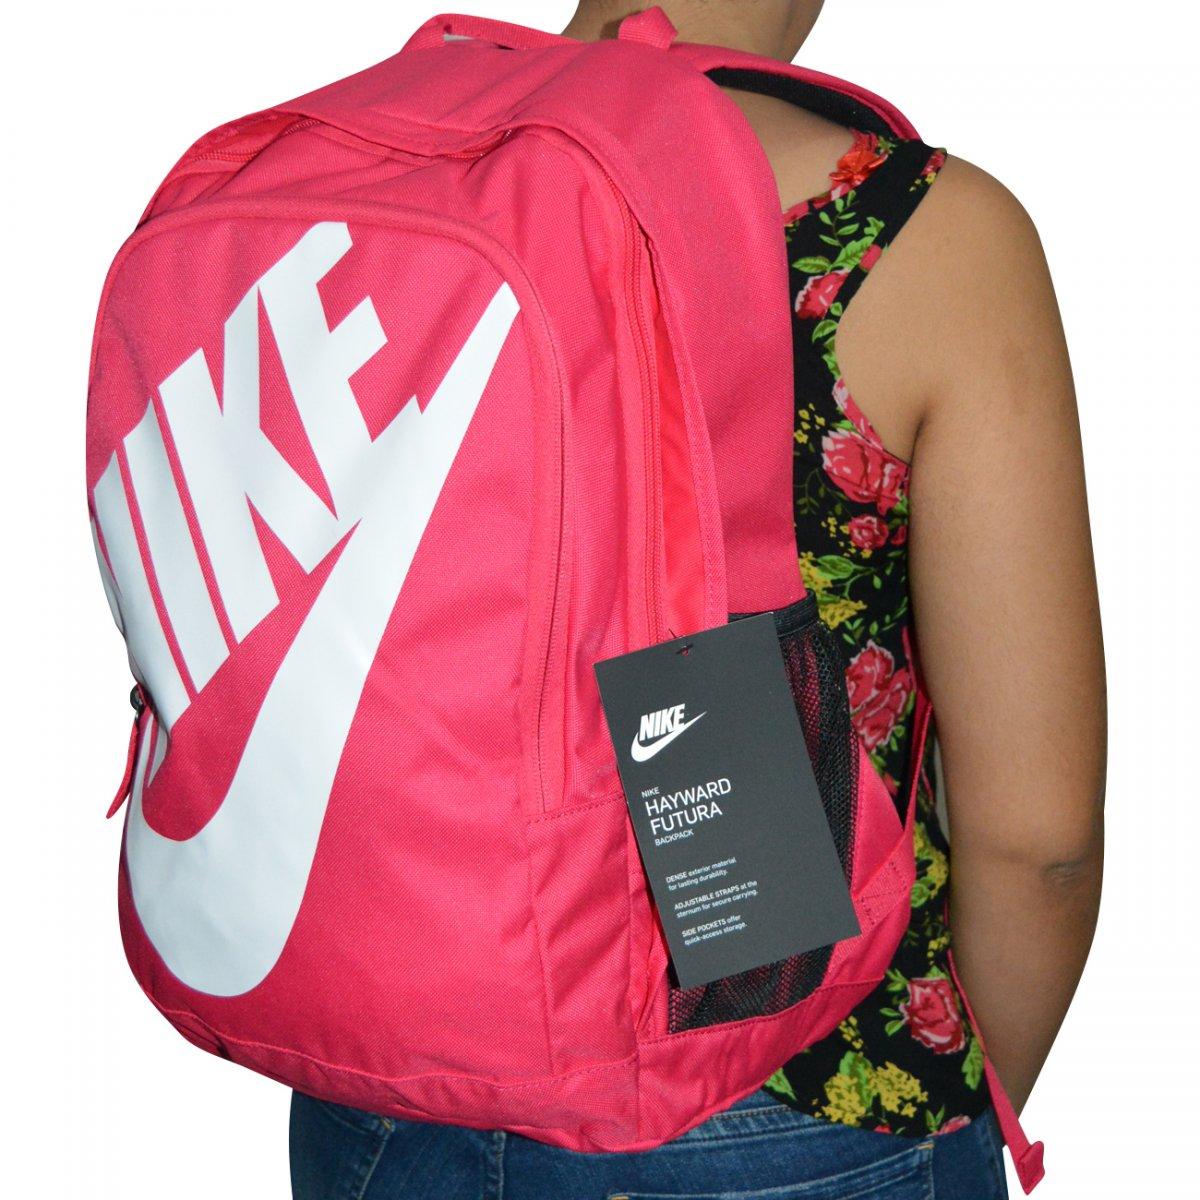 9f07542e3 Mochila Nike BA5217 BA5217-694 - Pink/branco - Chuteira Nike, Adidas.  Sandalias Femininas. Sandy Calçados